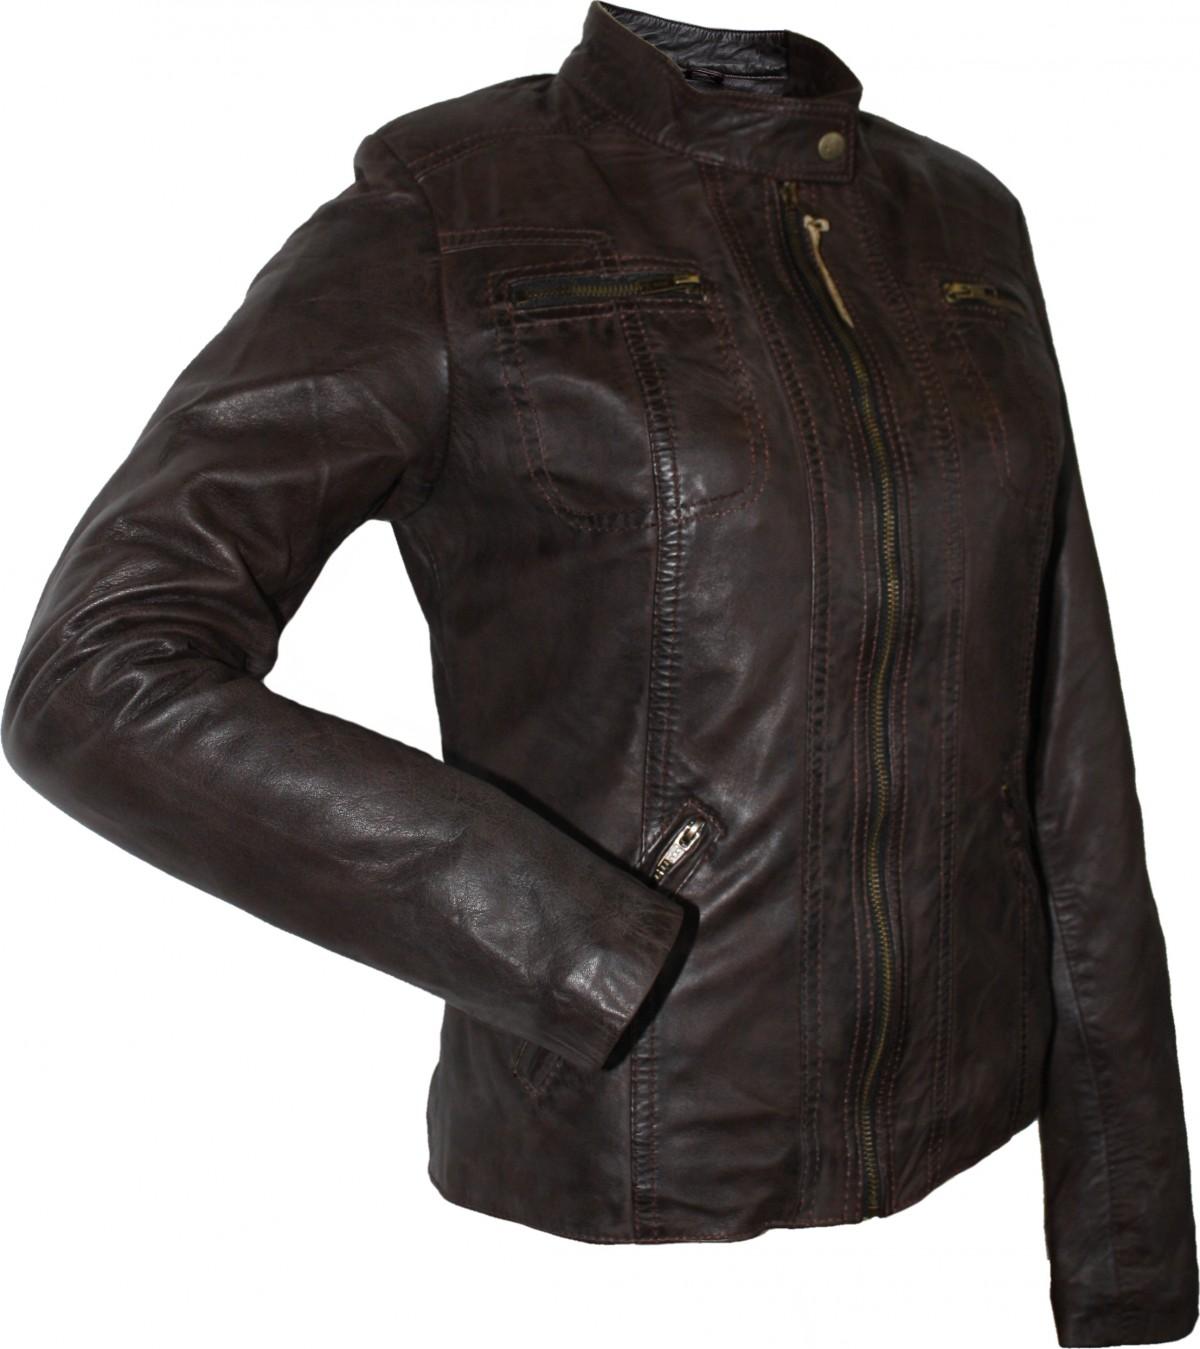 ladies leather jacket fashion sheepskin nappaleather